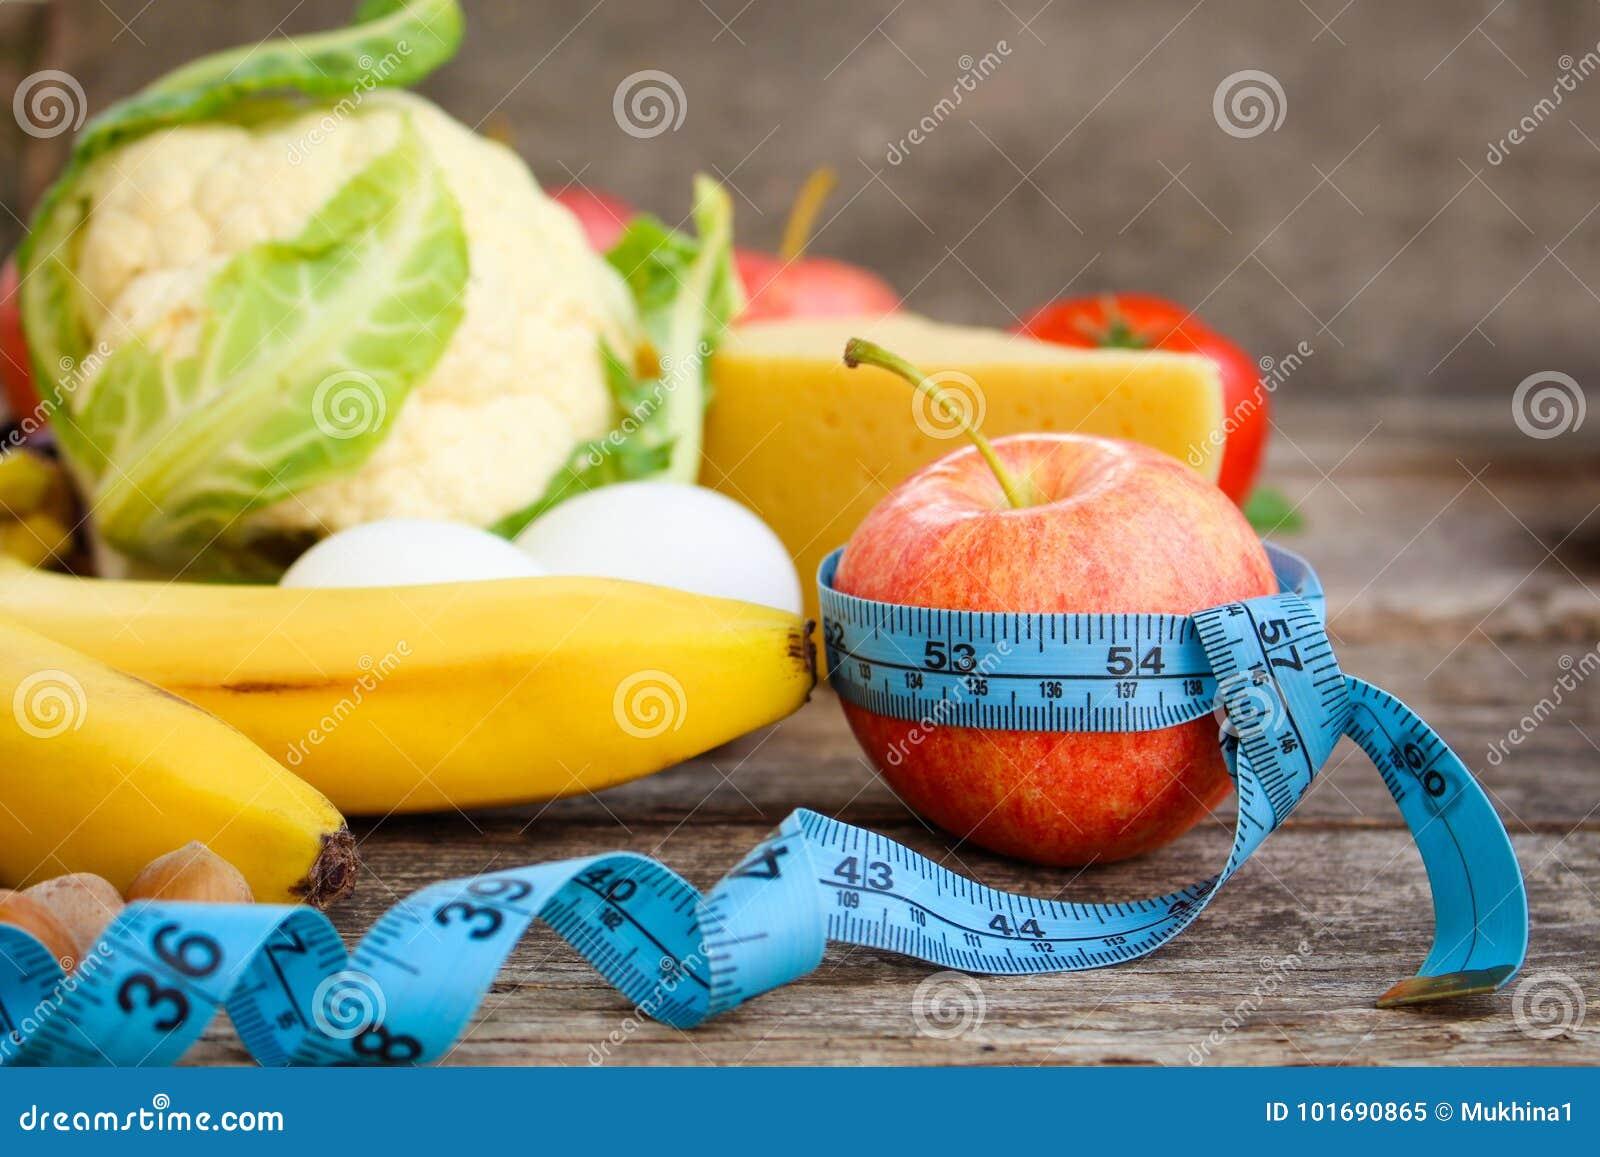 Diet Mukhina 82